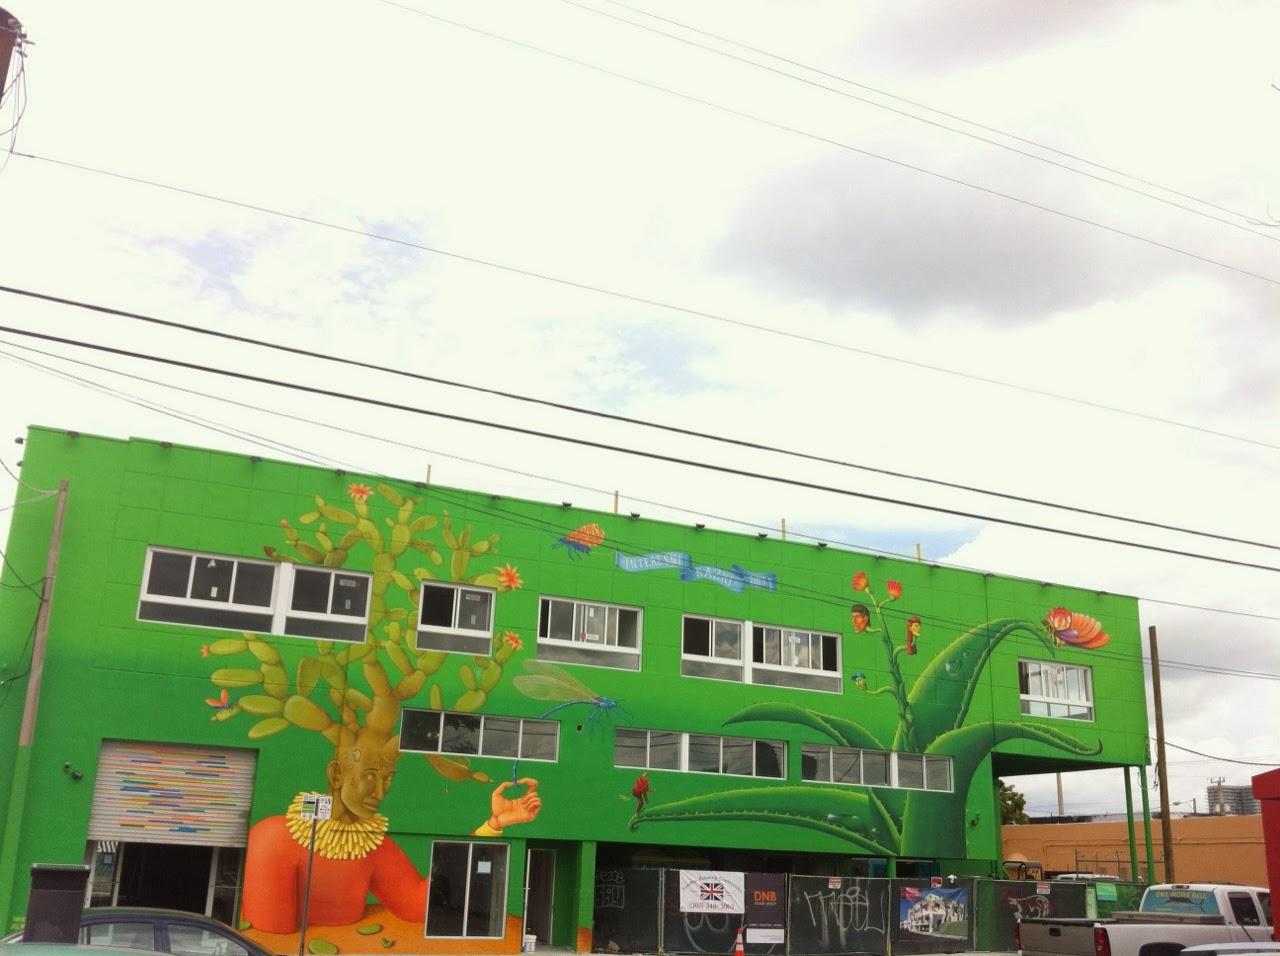 interesni-kazki-new-mural-art-basel-2013-07